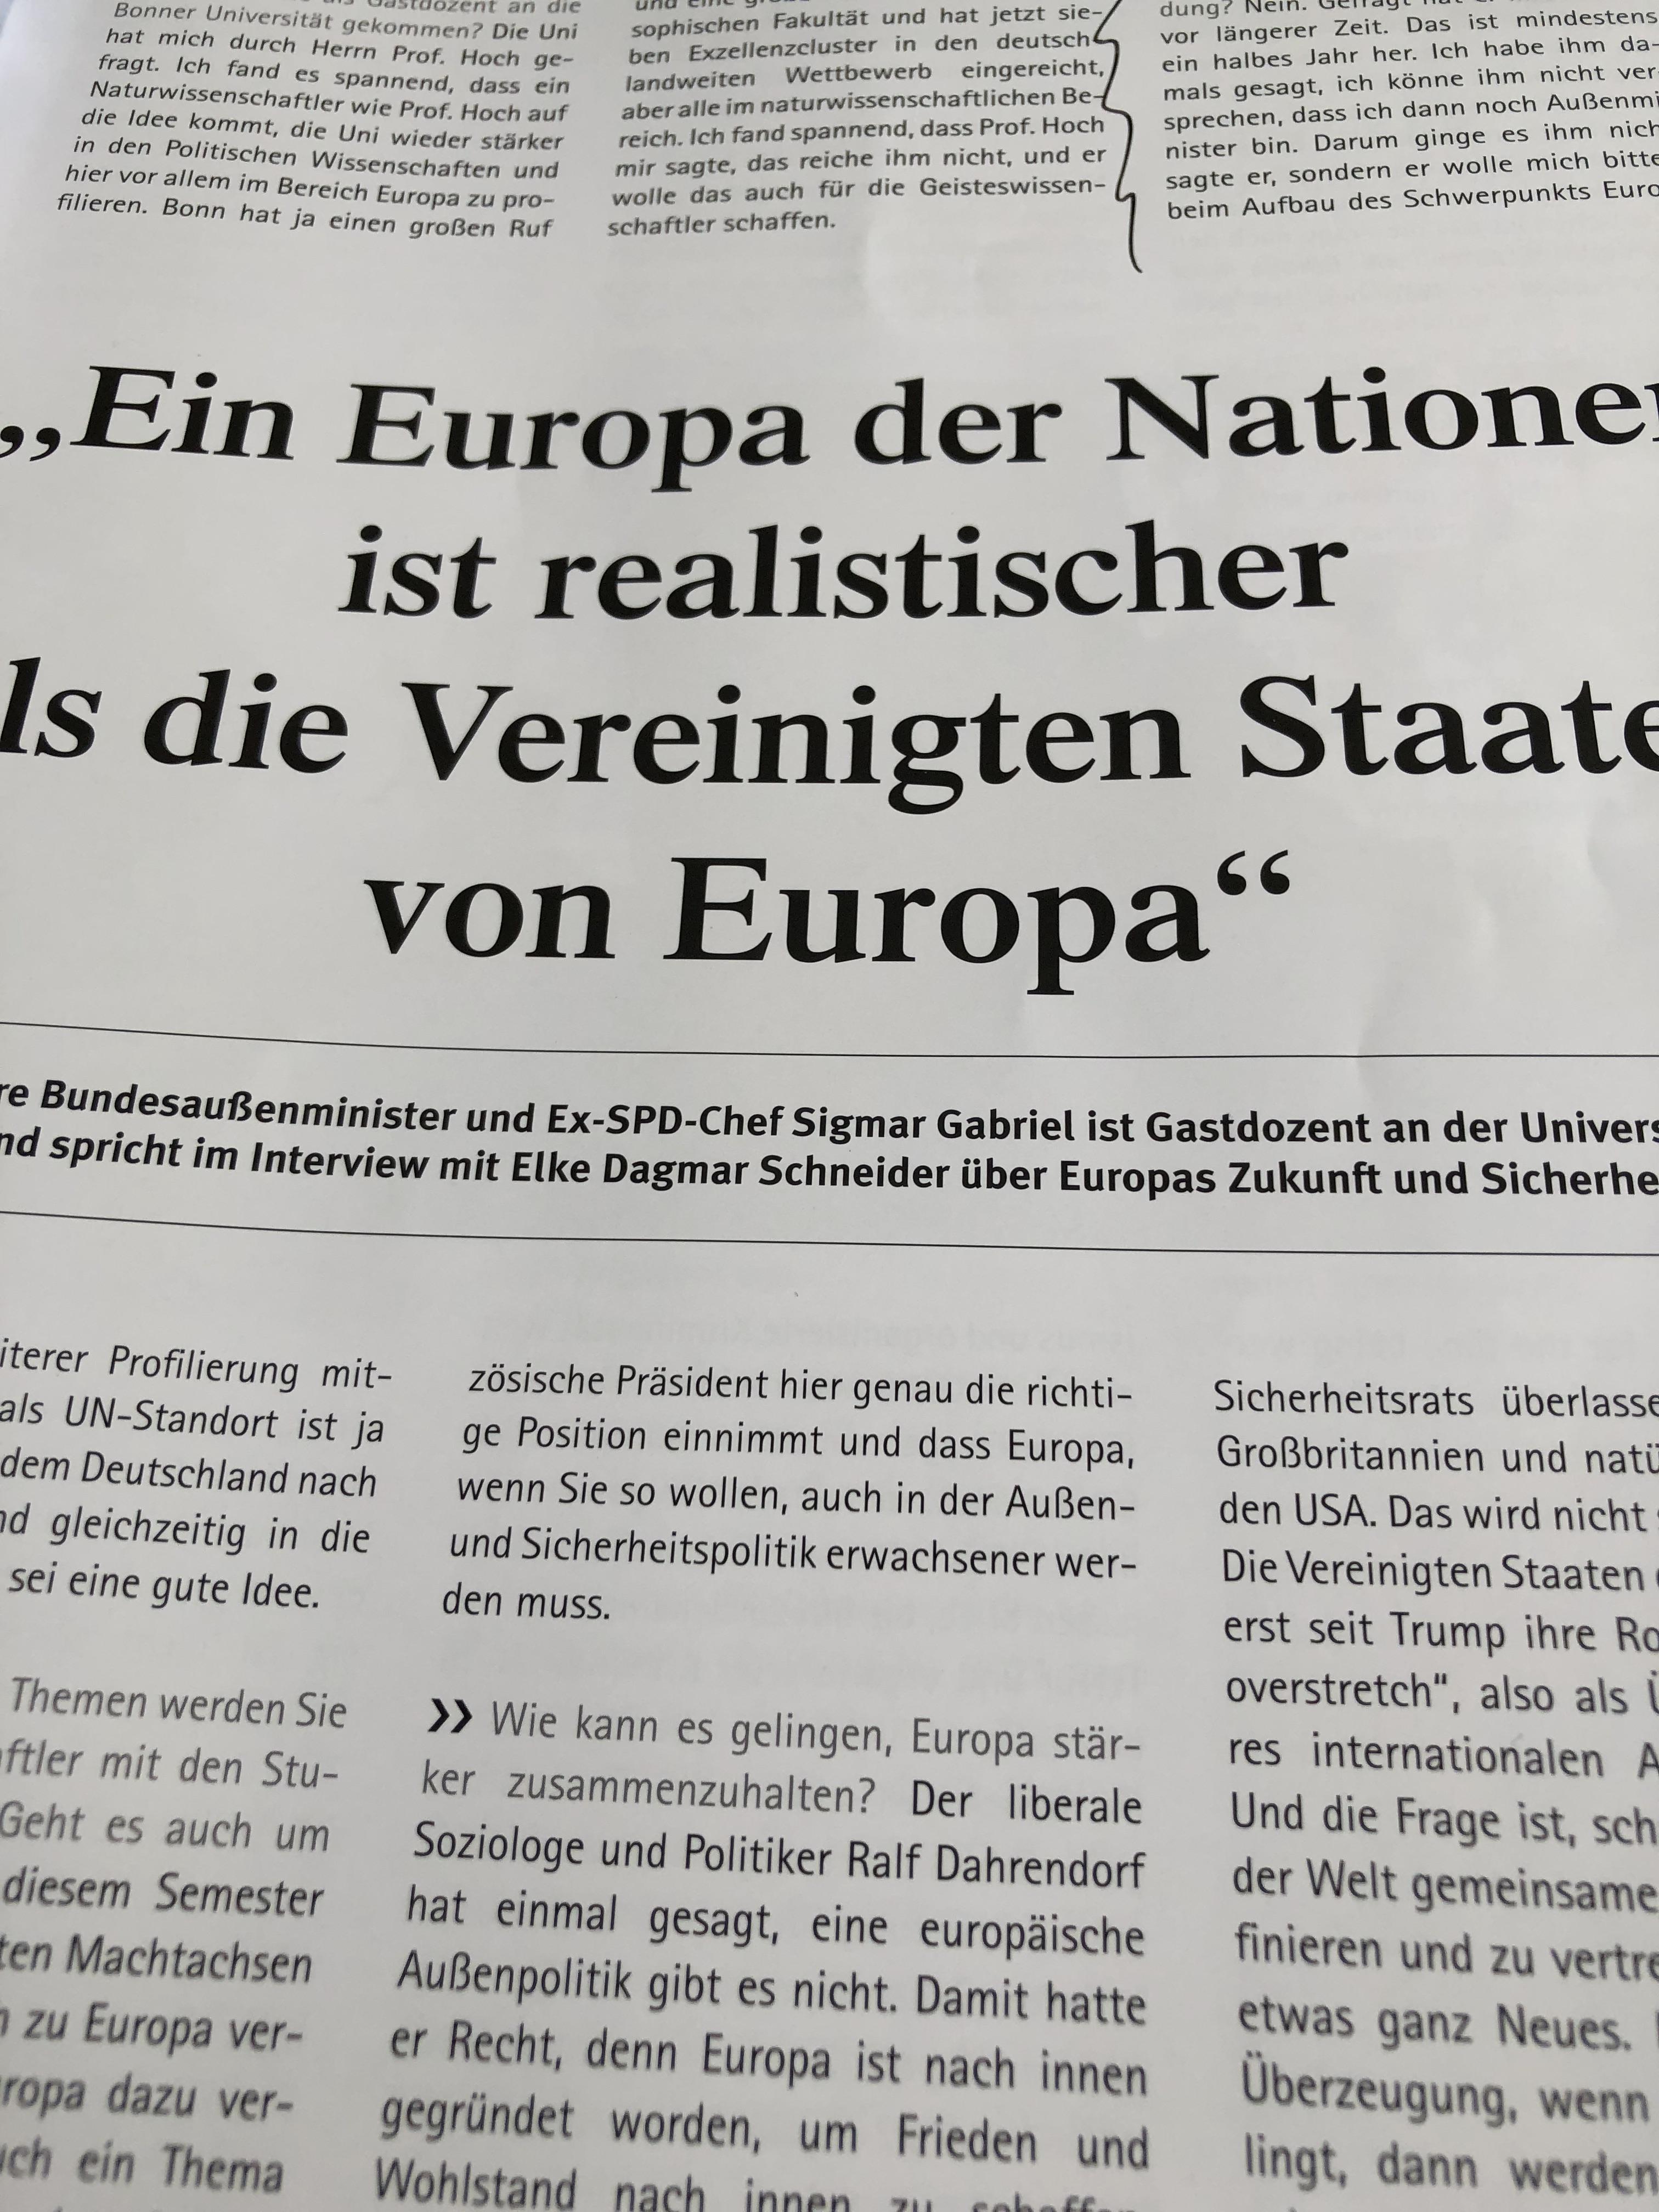 10:15 Uhr live: #KabinettTV – Journal für Bonn, Köln und Berlin ...